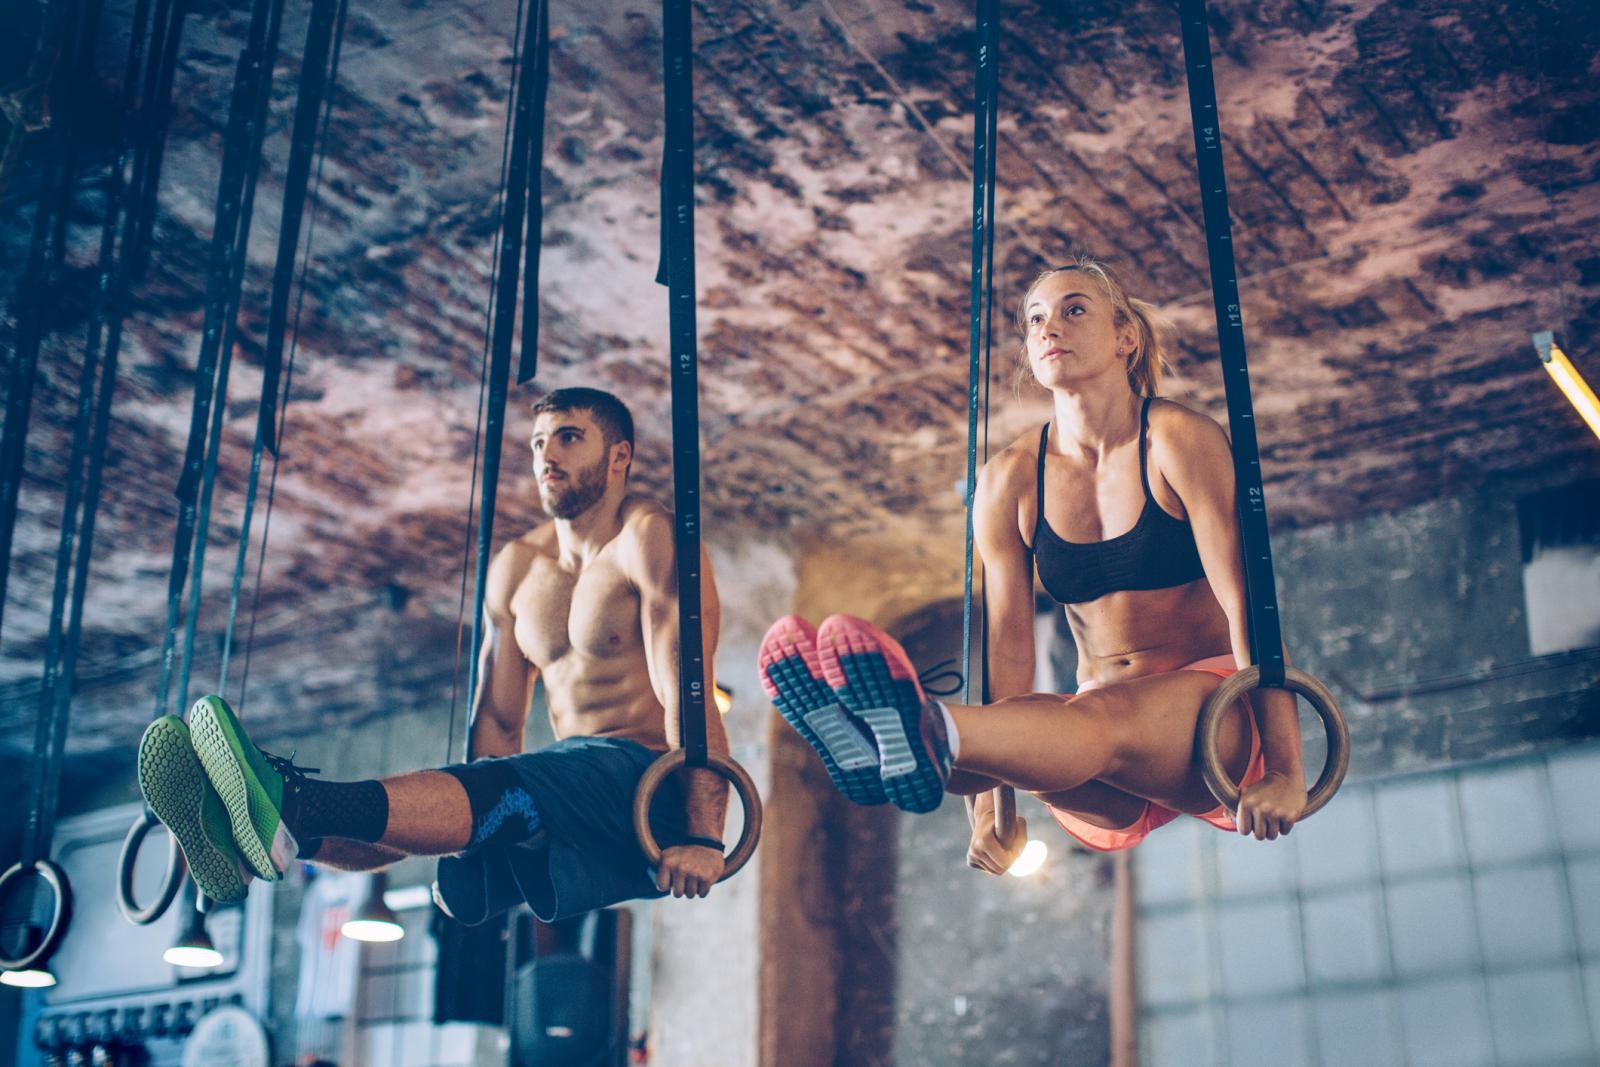 Ako ste ikada ušli u teretanu ili fitness centar, tada vam je poznato o čemu govorimo...